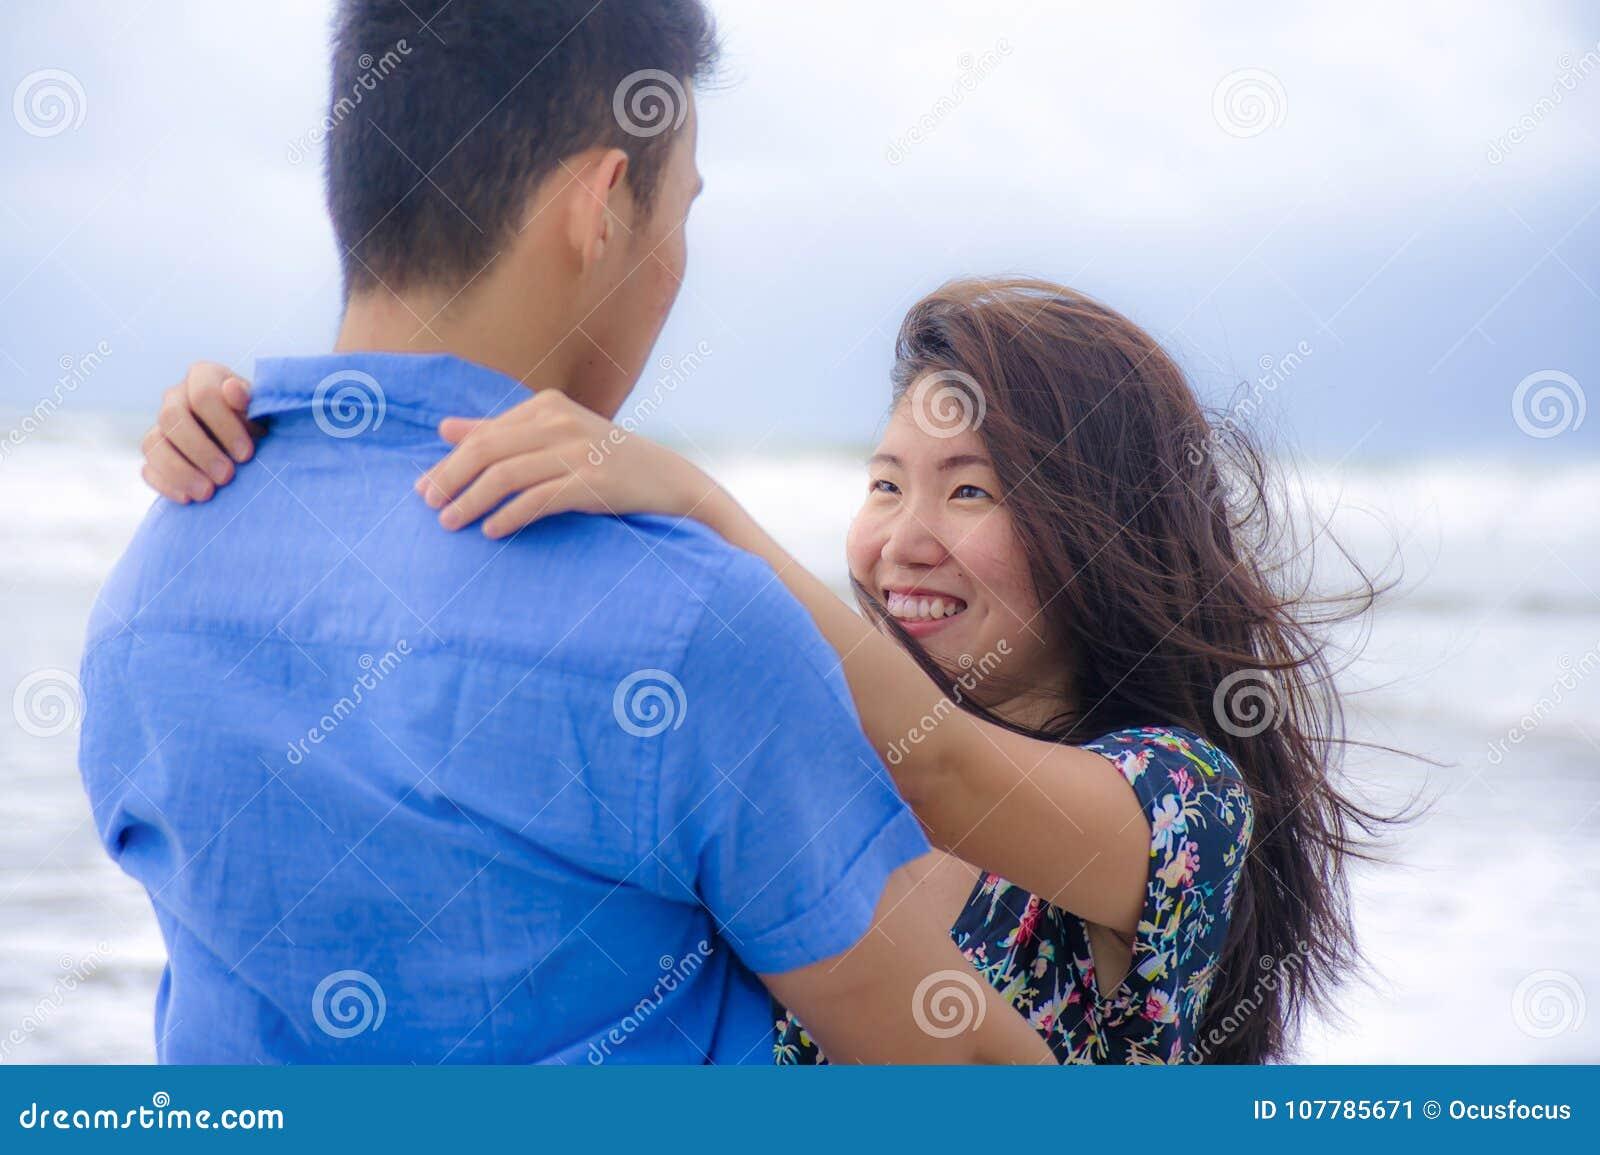 Agen ia de dating Roanne Dating fata de la Benin